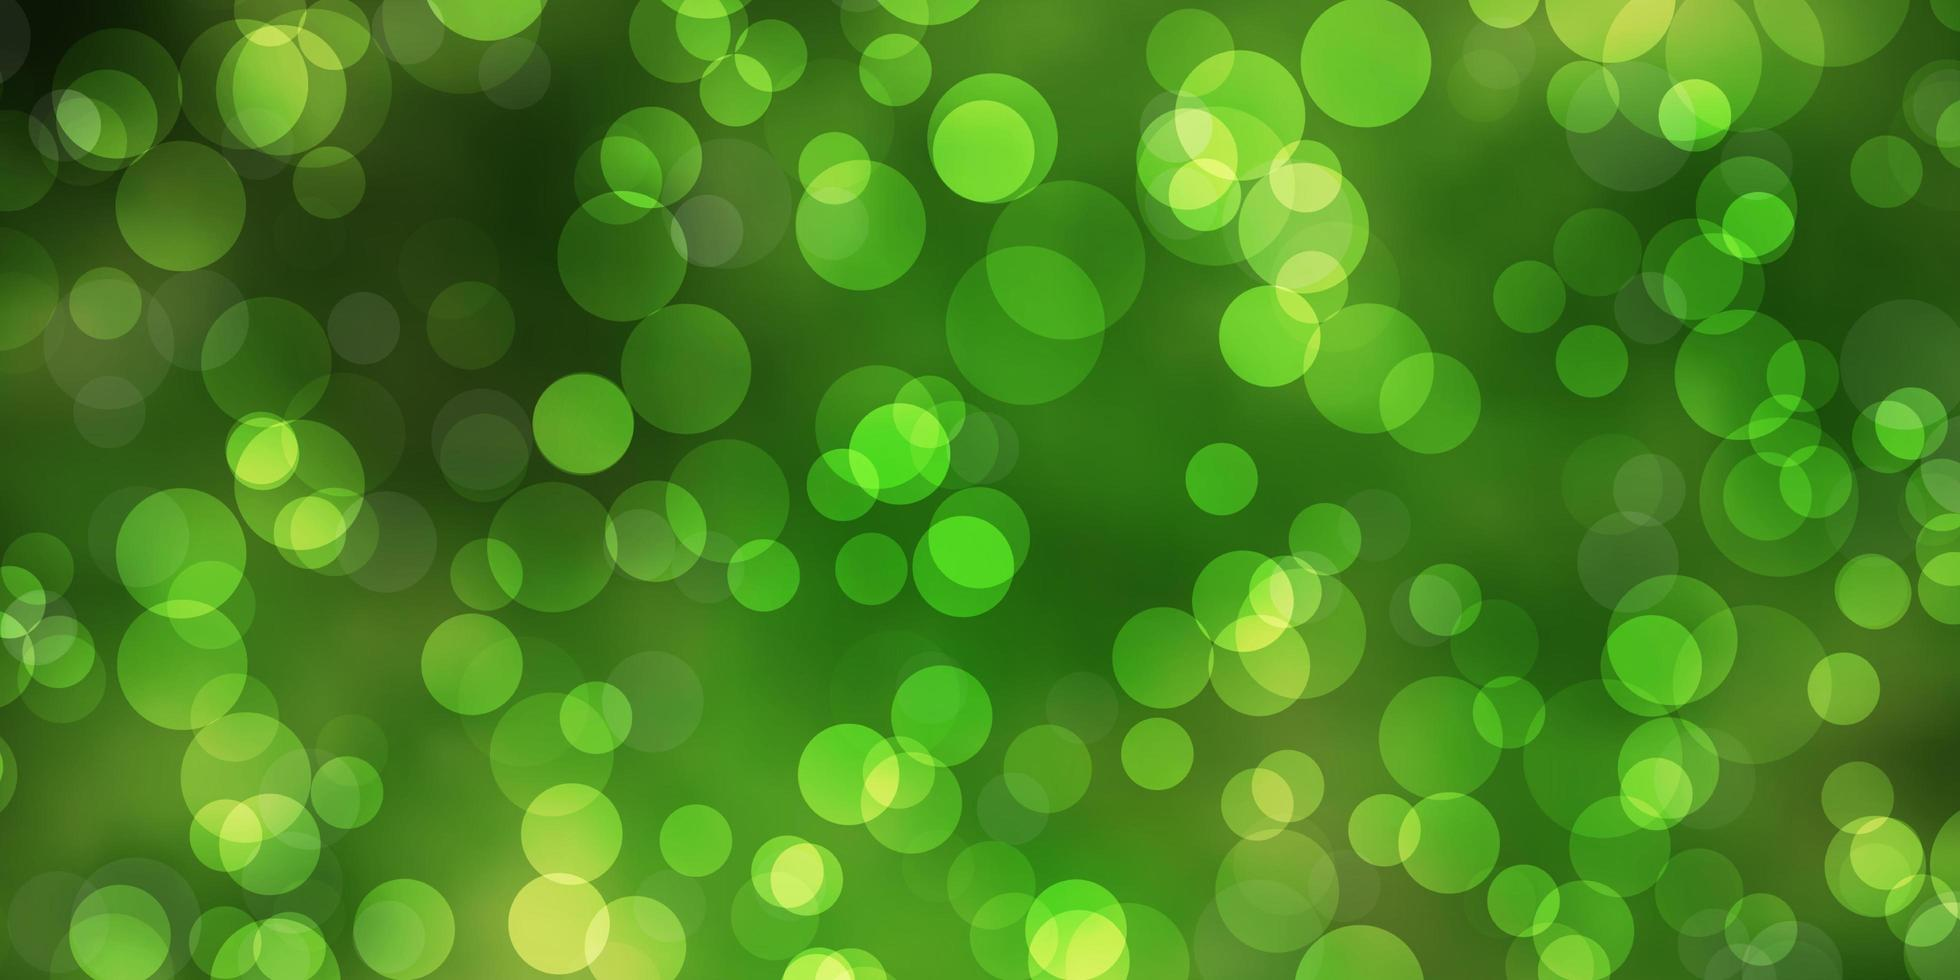 grünes Layout mit Kreisformen. vektor